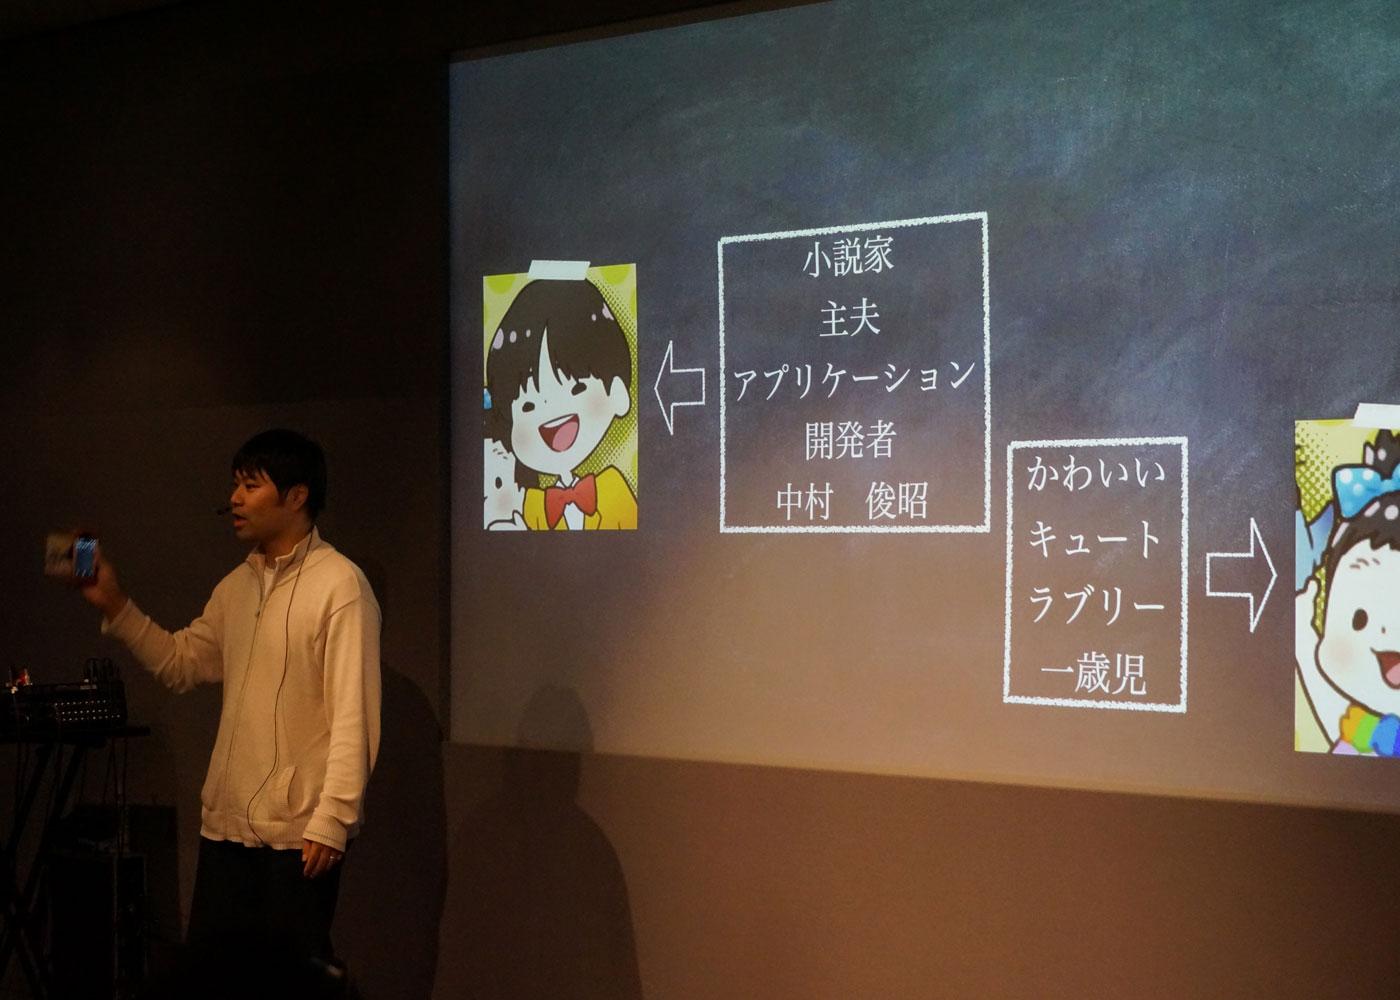 アプリ道場演武会・としさんの発表